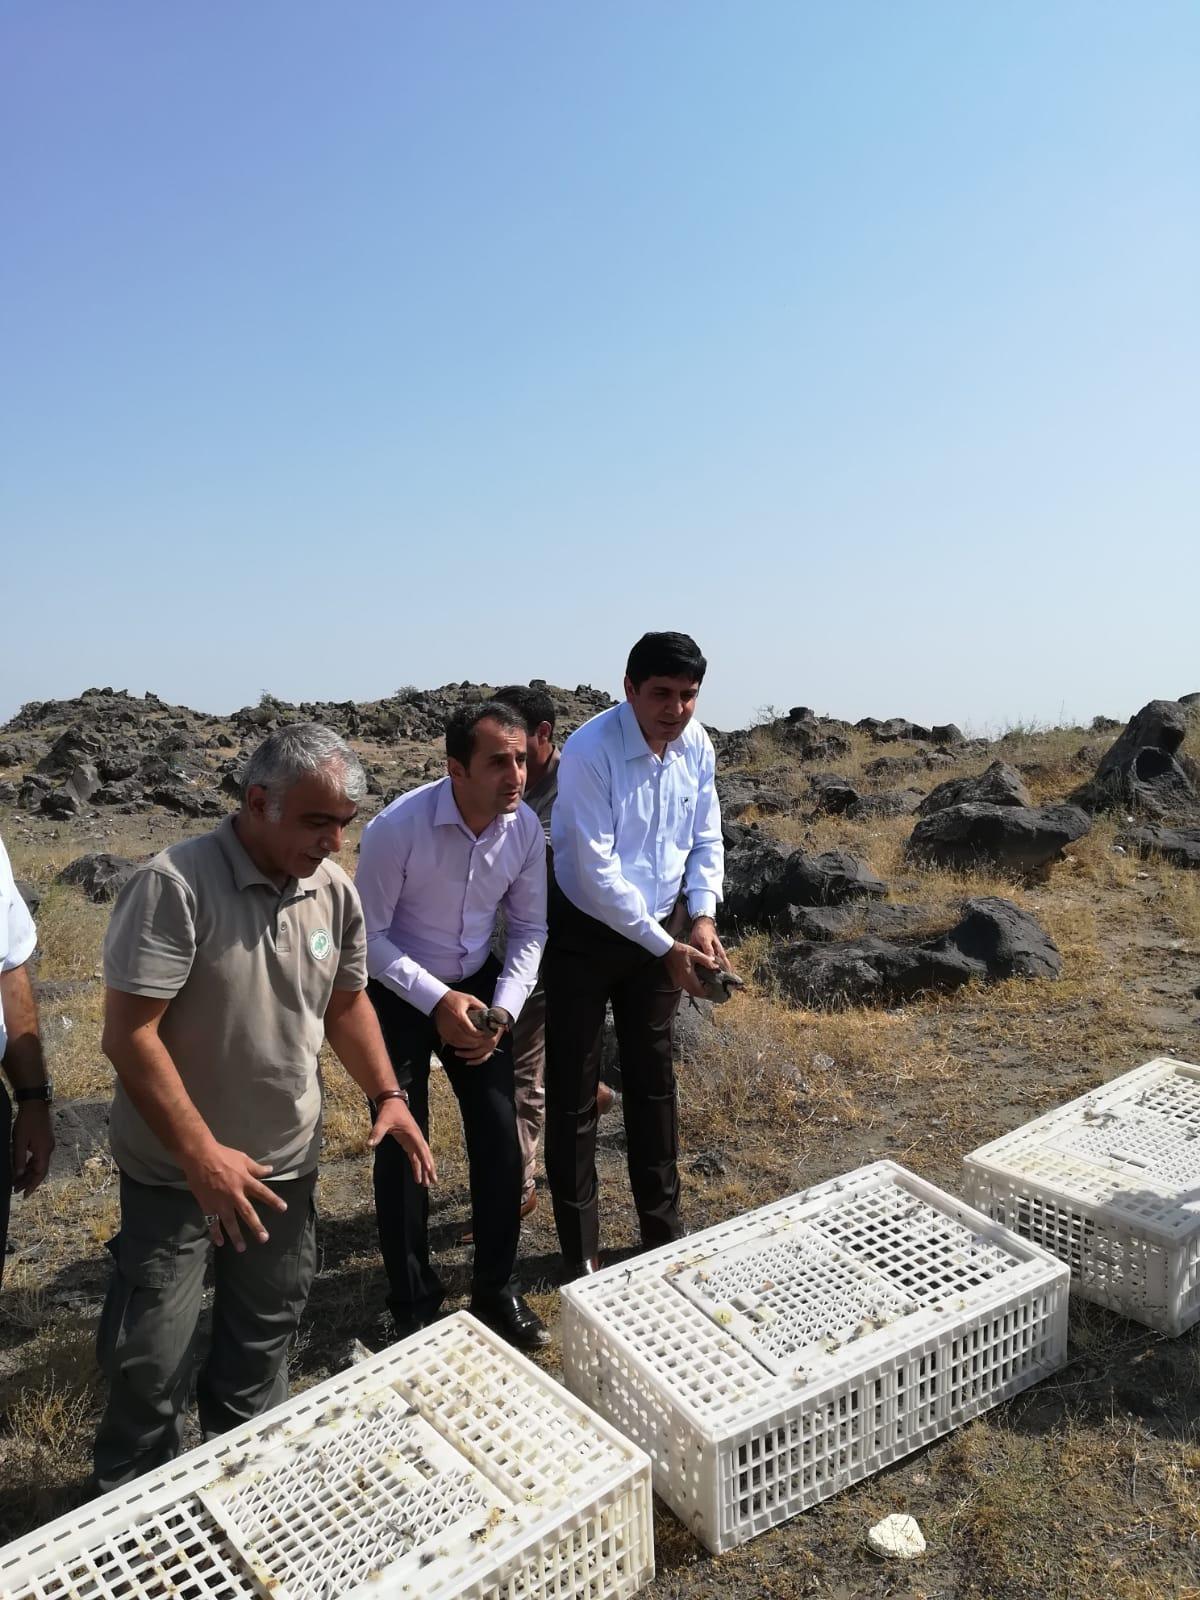 Rektör Alma'nın Katılımıyla 1000 Adet Keklik Doğaya Bırakıldı